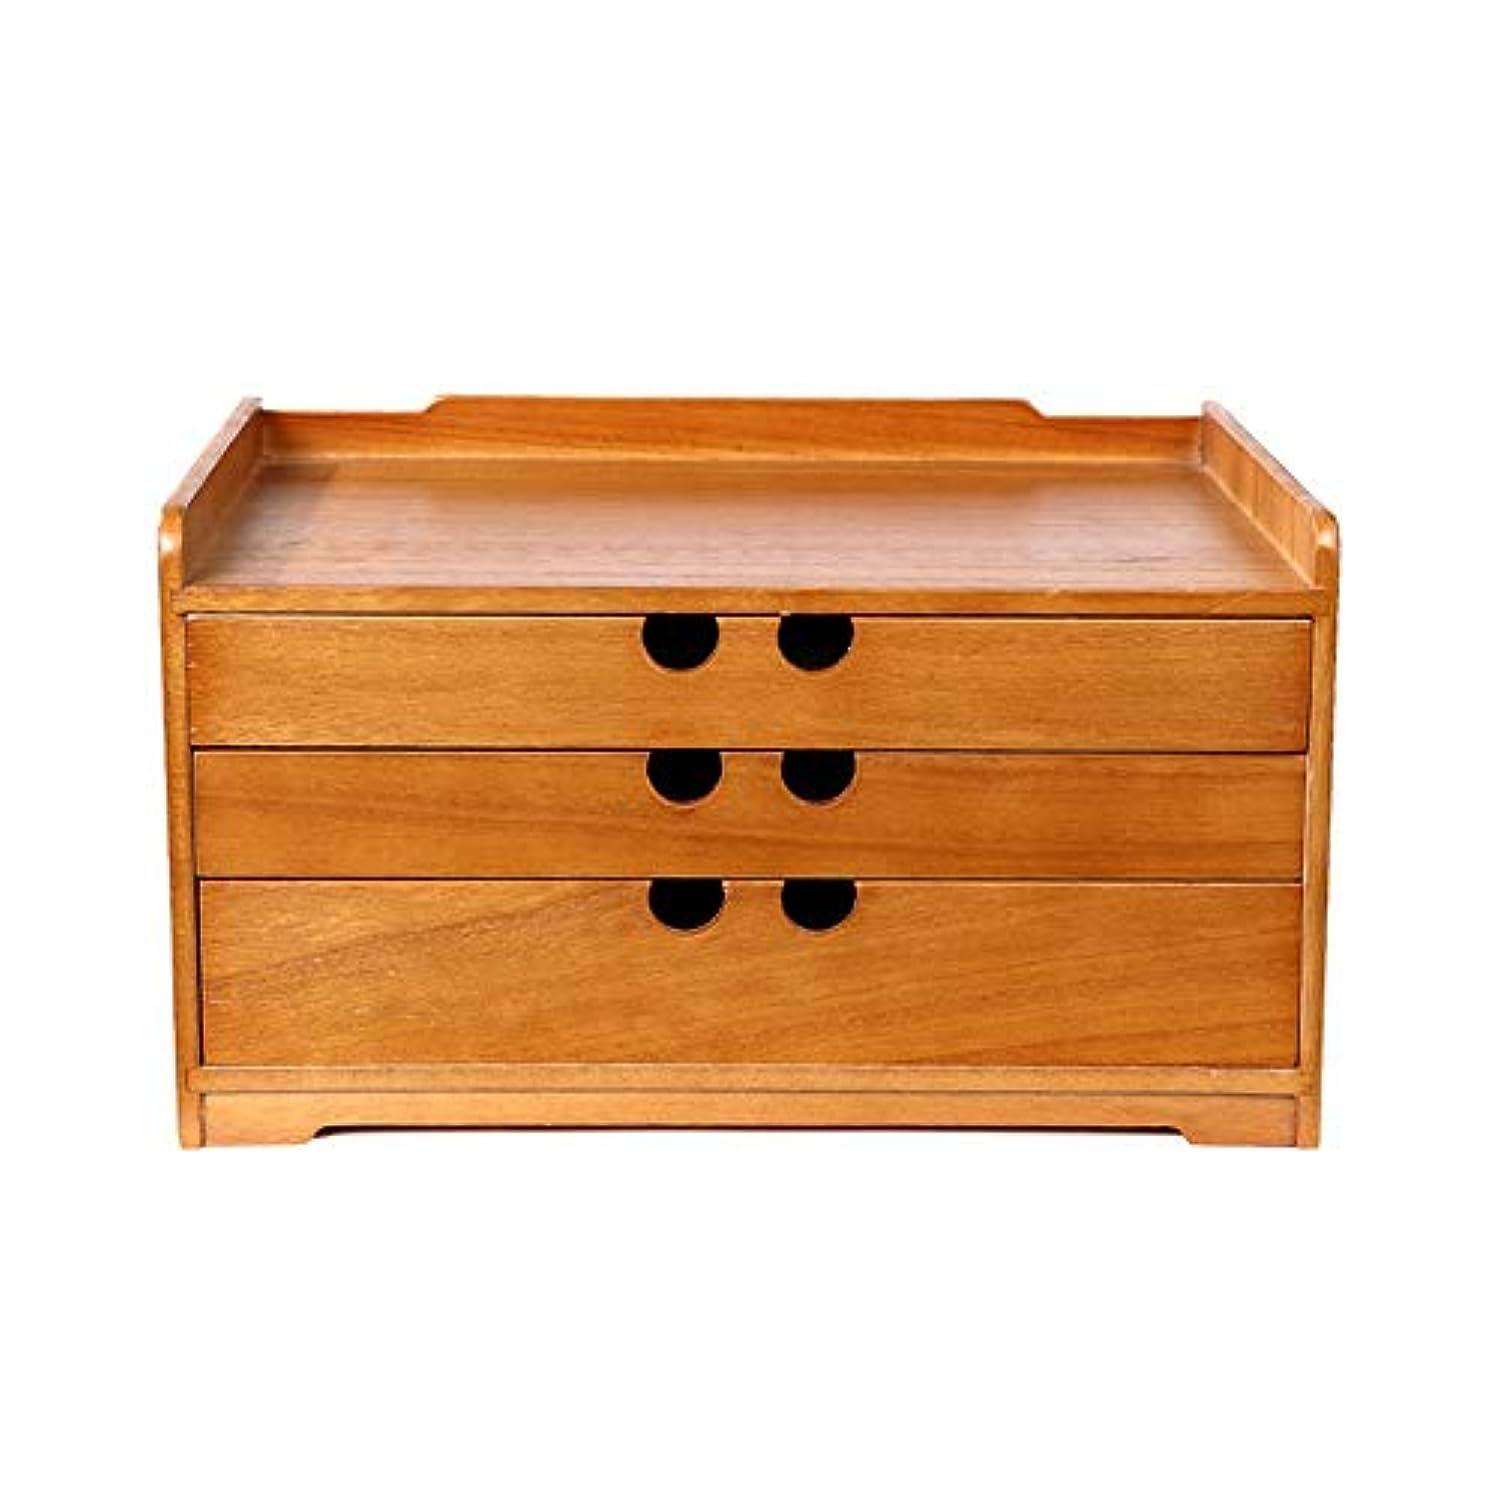 任命マラウイ言語学Xyanzi ミニデスクトップ木製引き出し、デスクトップ引き出しユニット小さな装飾木製引き出しホルダーデスク収納ボックスコンテナ用ホームおよびオフィス用 (Size : 34.5*19.7*24cm)